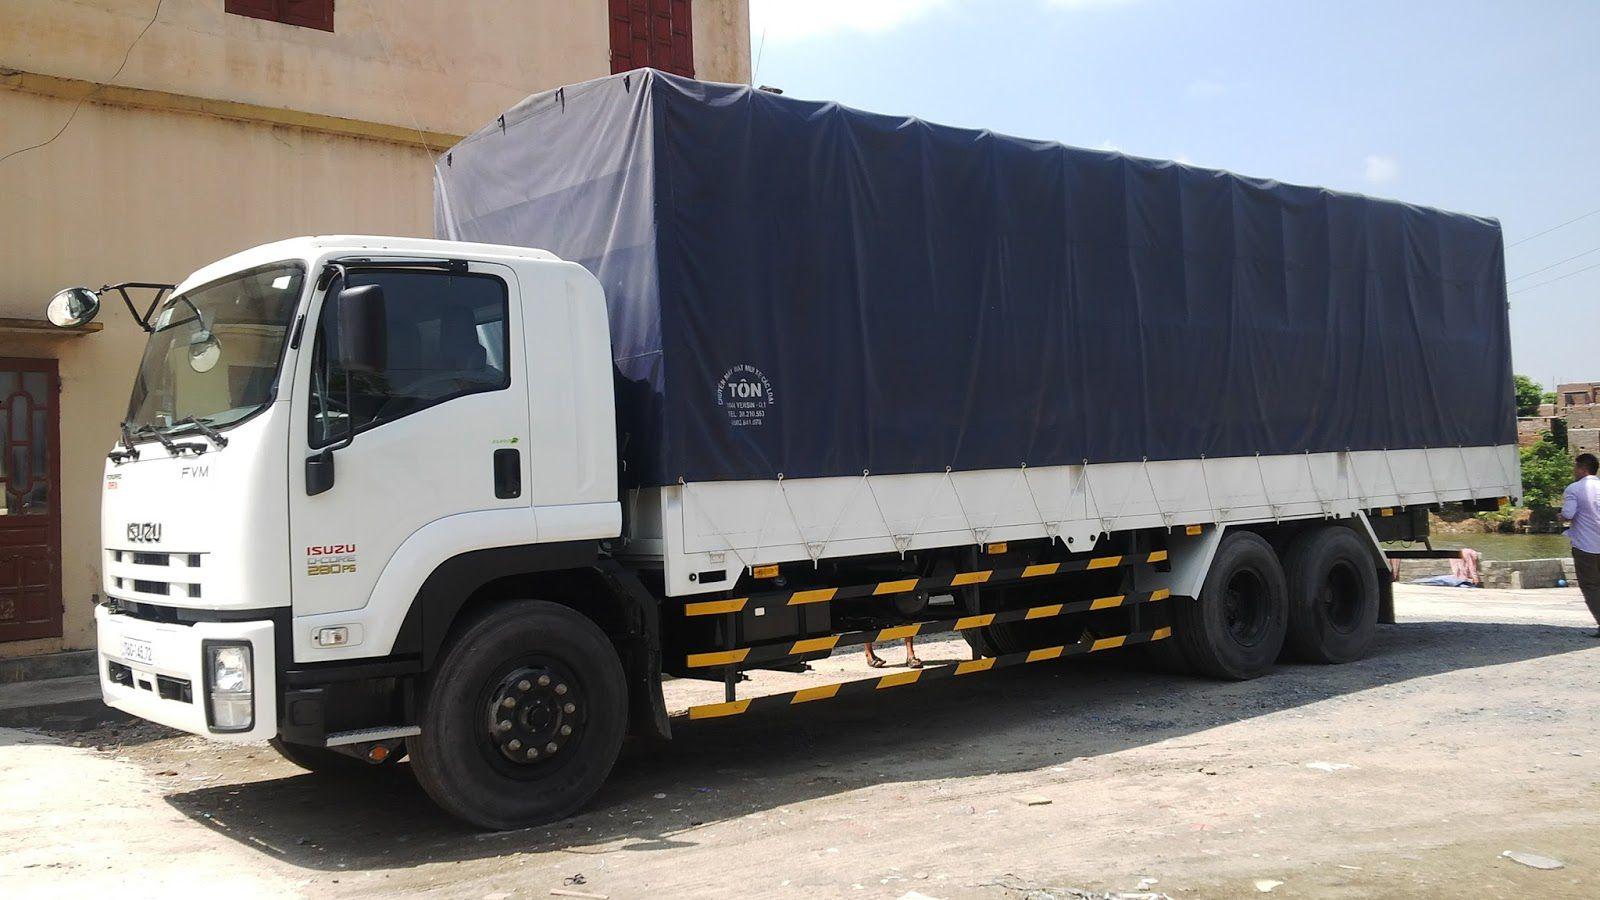 Các thông tin về dịch vụ vận chuyển hàng nông nghiệp đi Campuchia